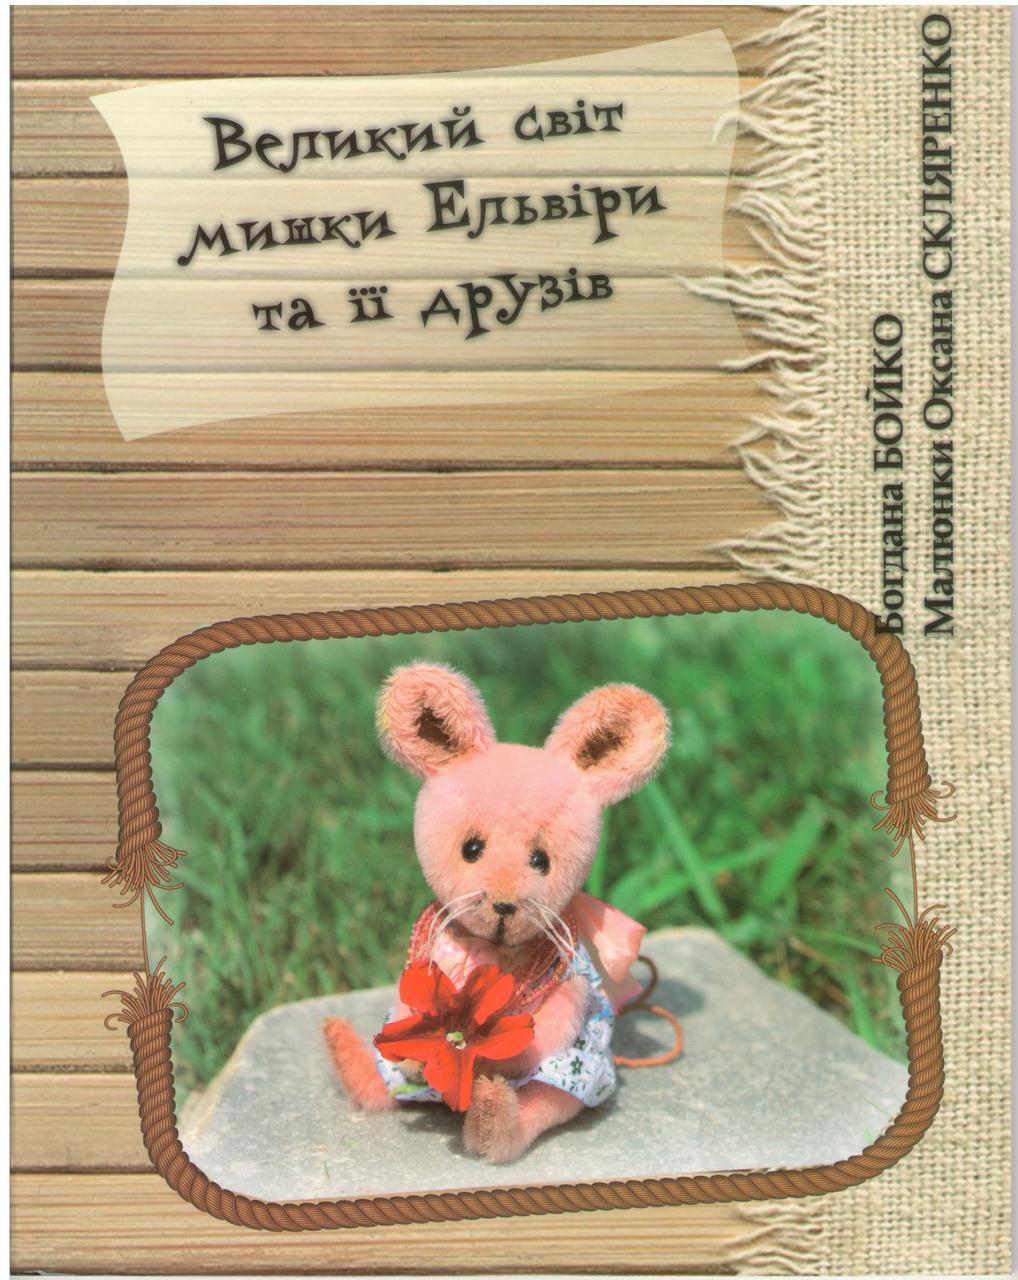 Великий світ мишки Ельвіри та її друзів. З кольоровими малюнками